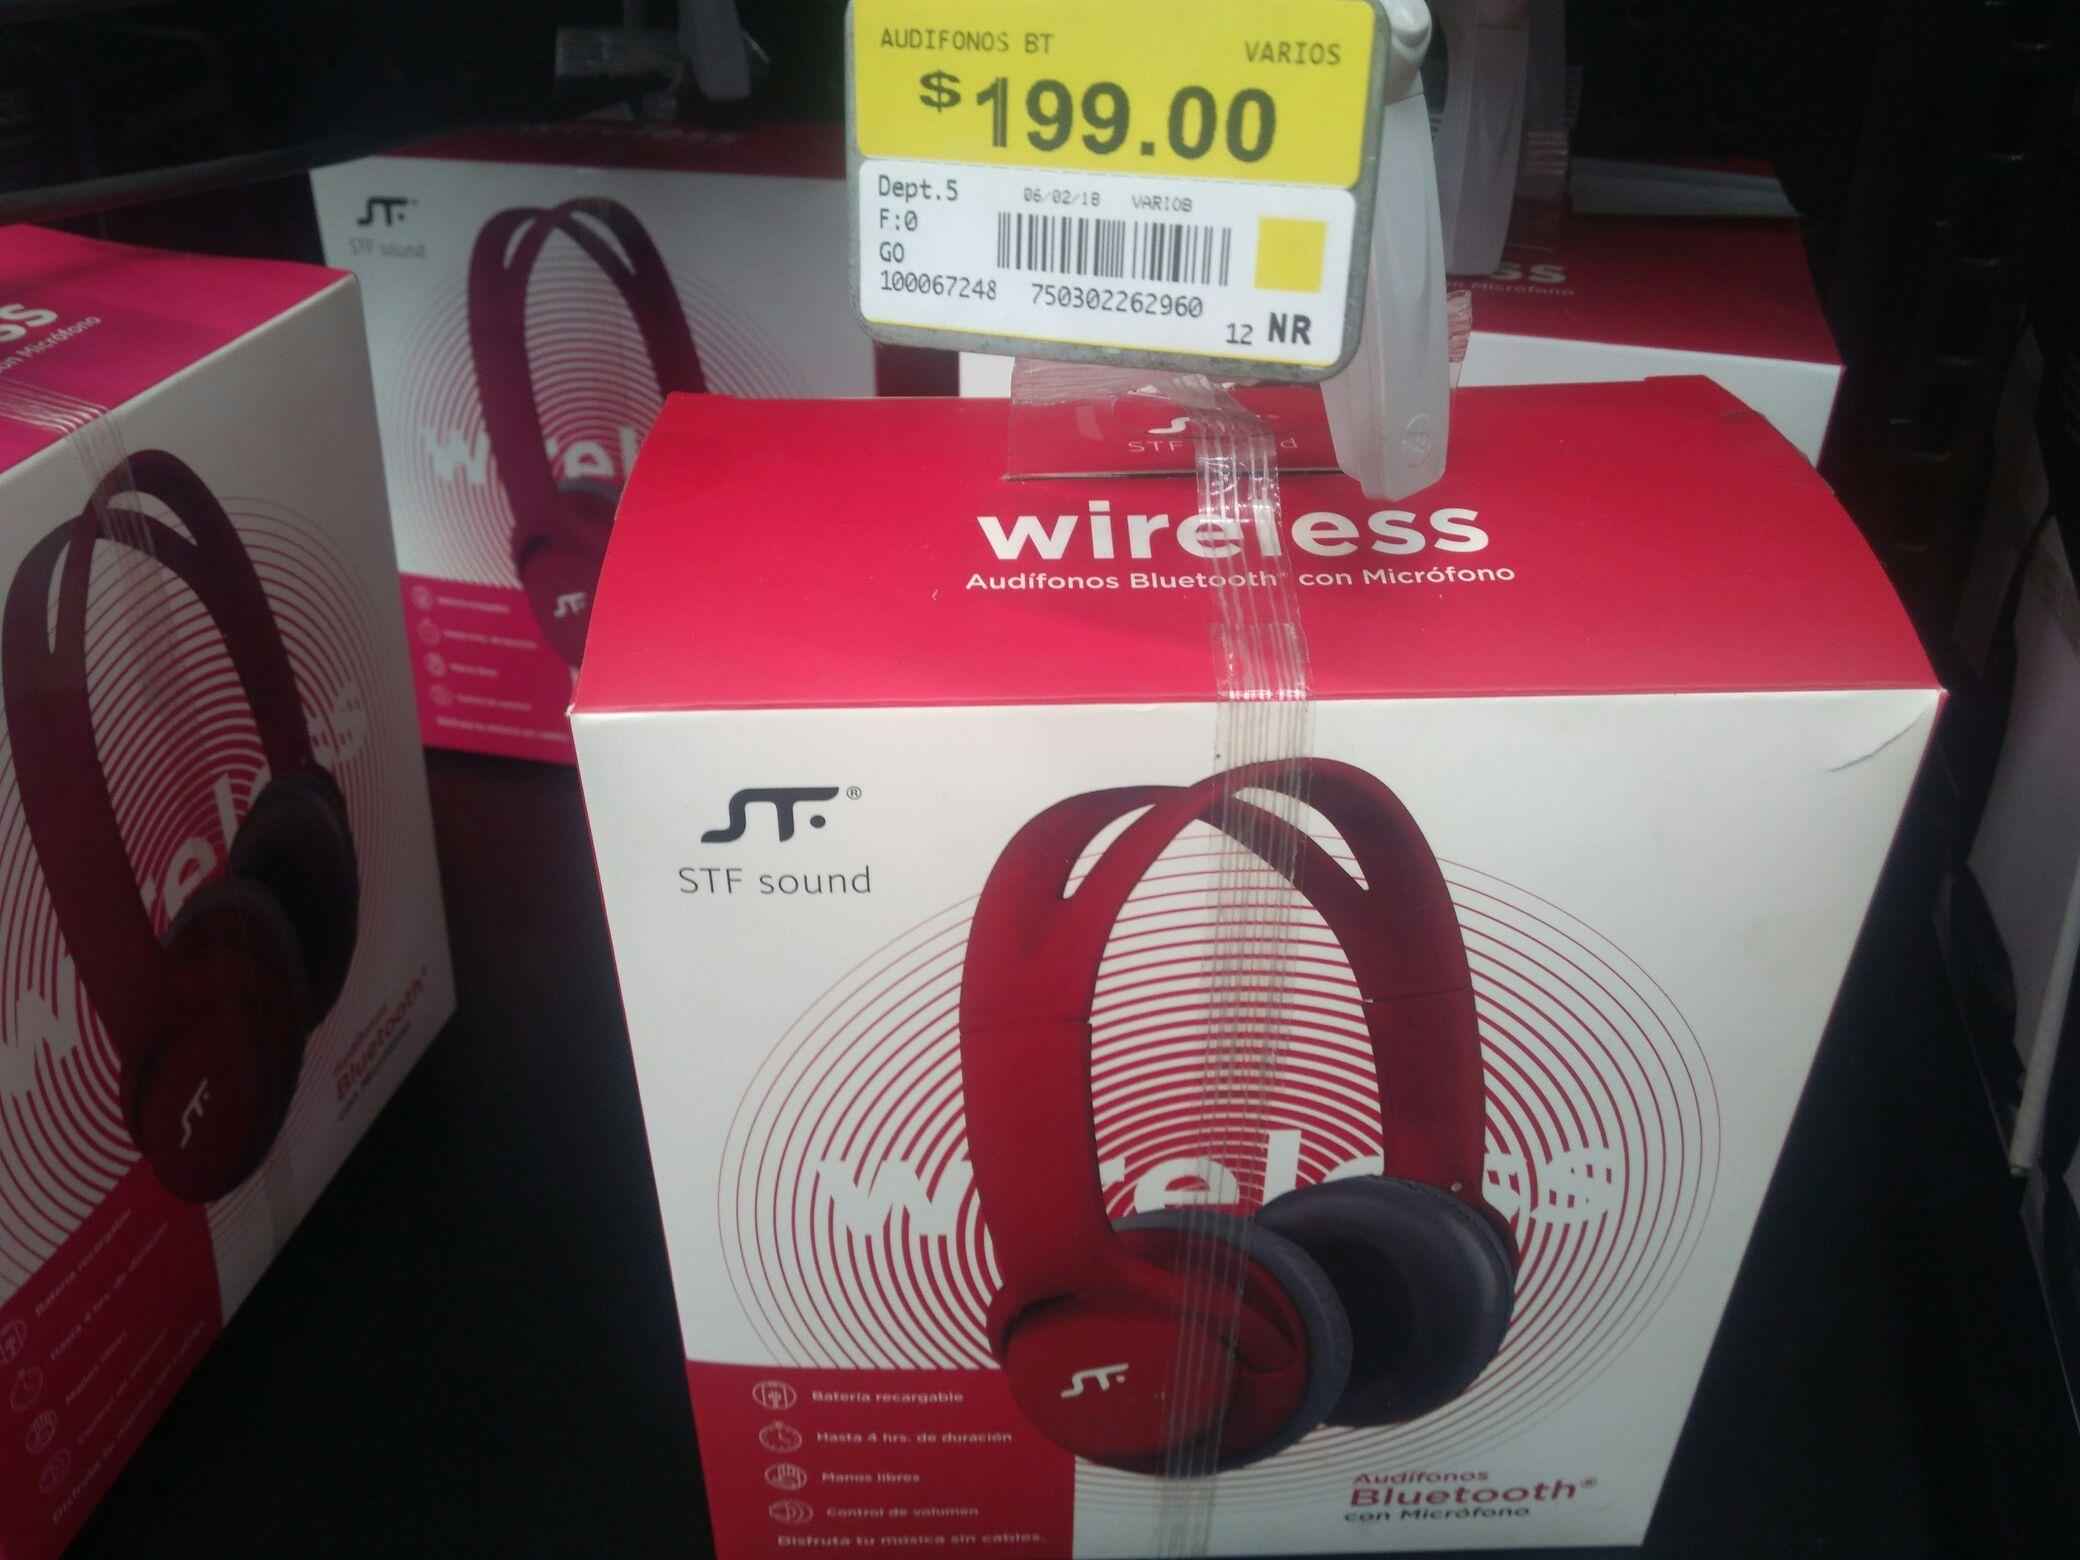 Walmart: Audífonos Bluetooth c/ Micrófono STF